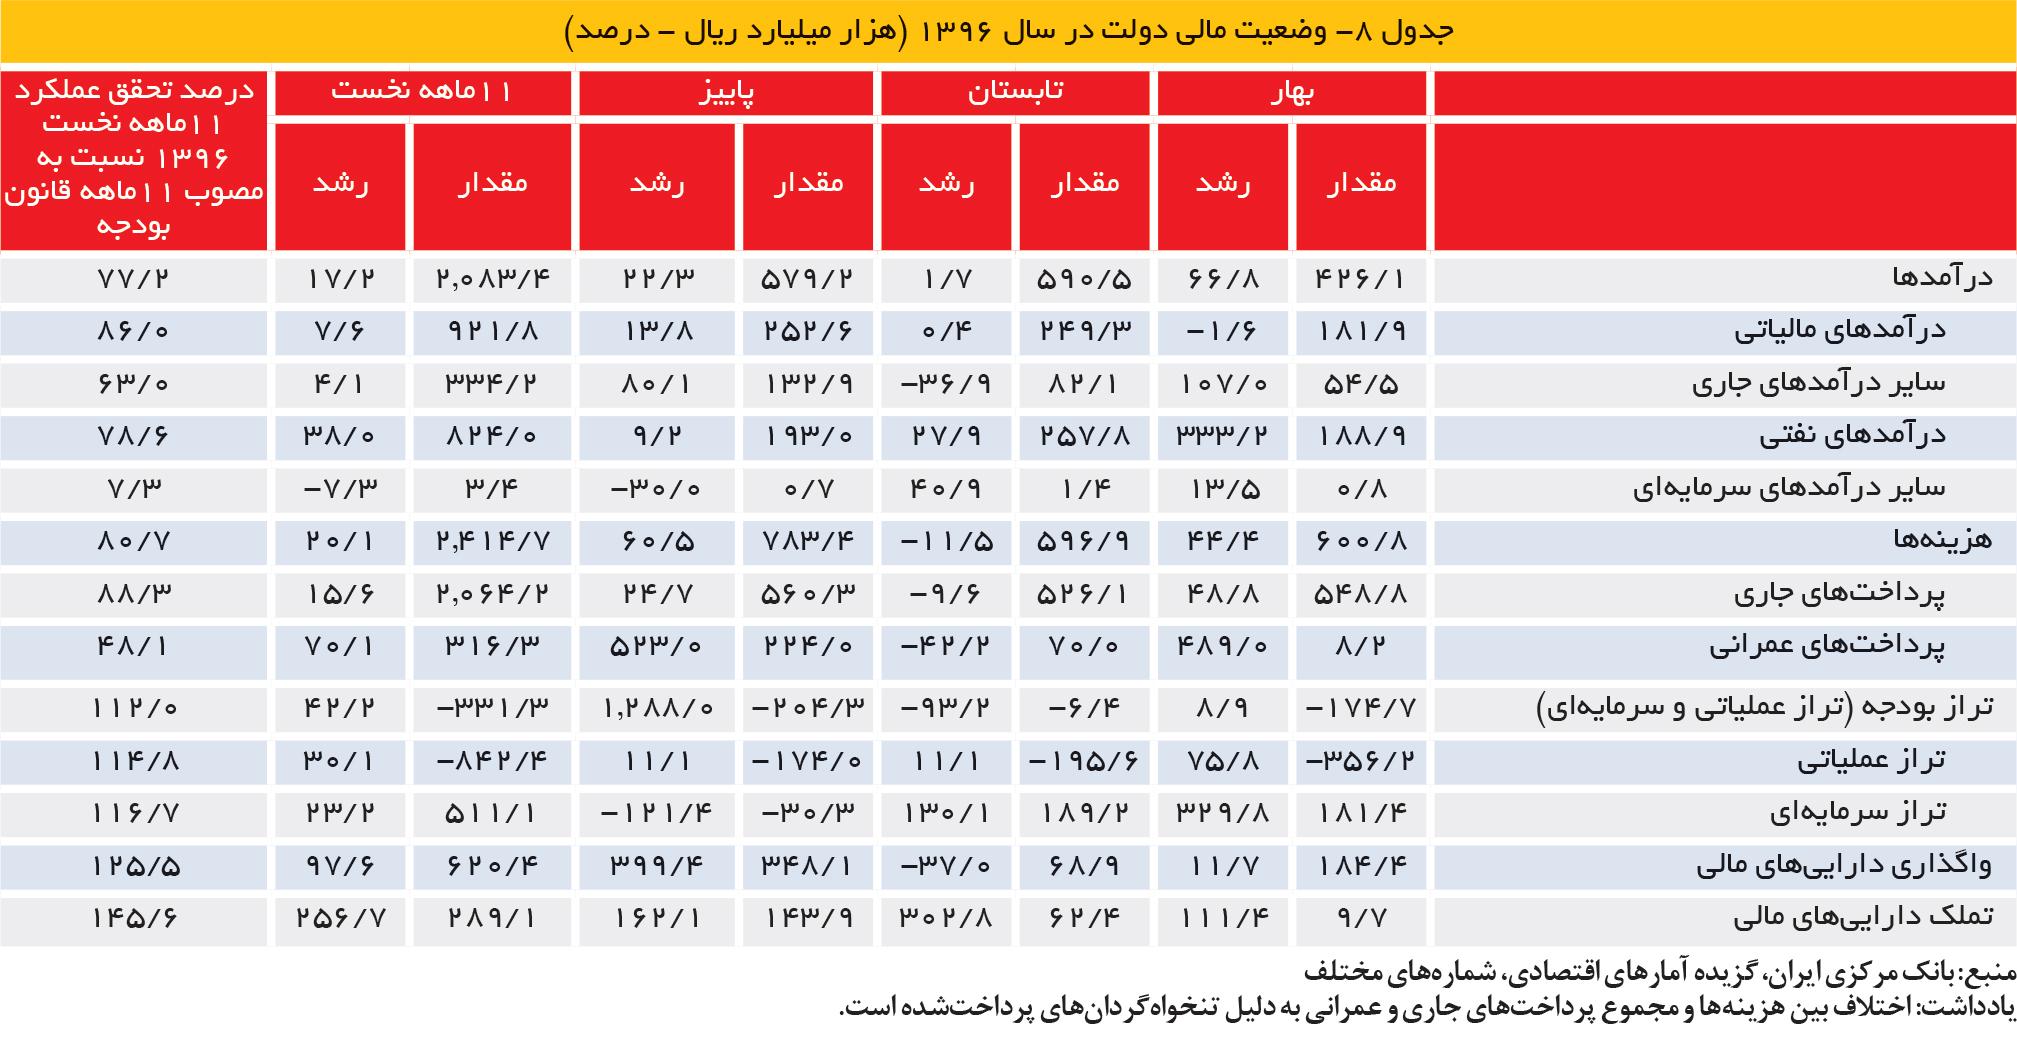 تجارت فردا- جدول 8- وضعیت مالی دولت در سال 1396 (هزار میلیارد ریال - درصد)